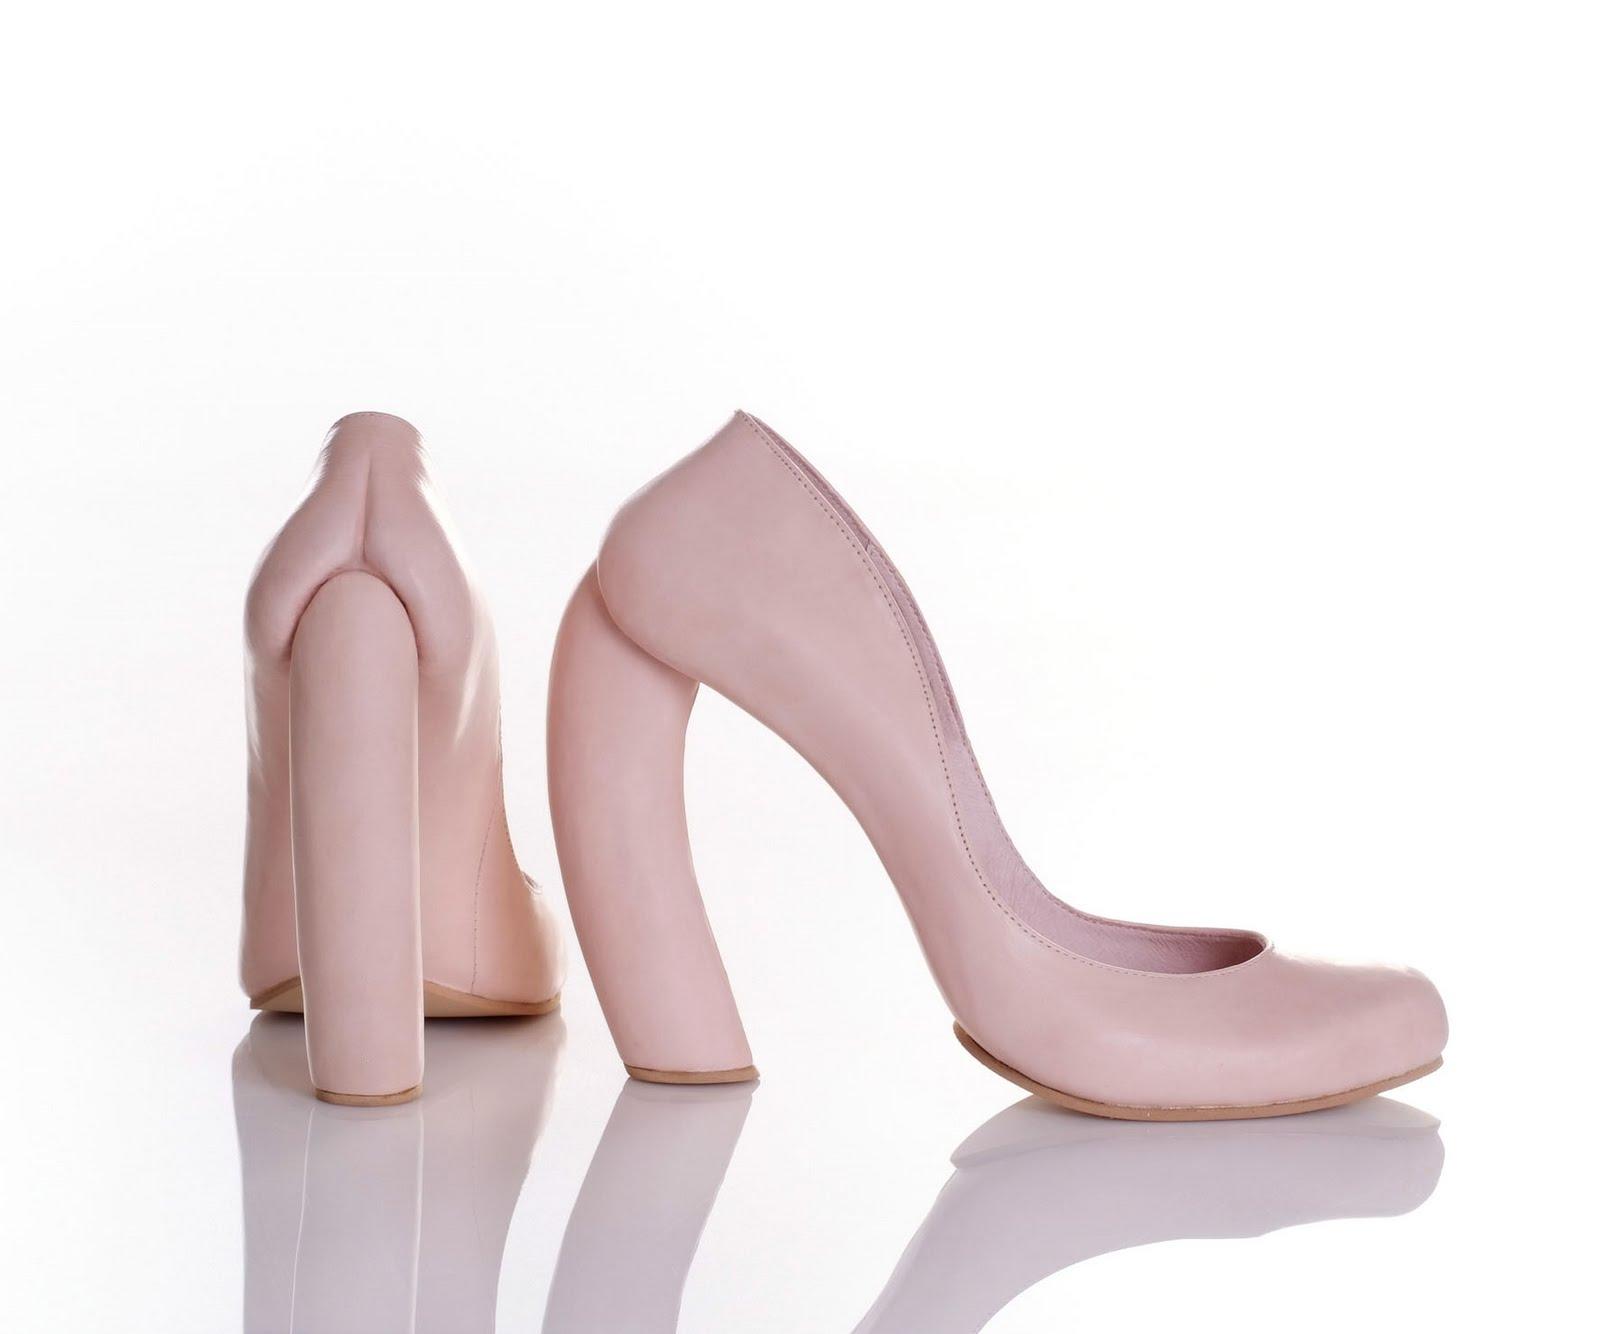 Kobi Levi Footwear Design XXX Pump